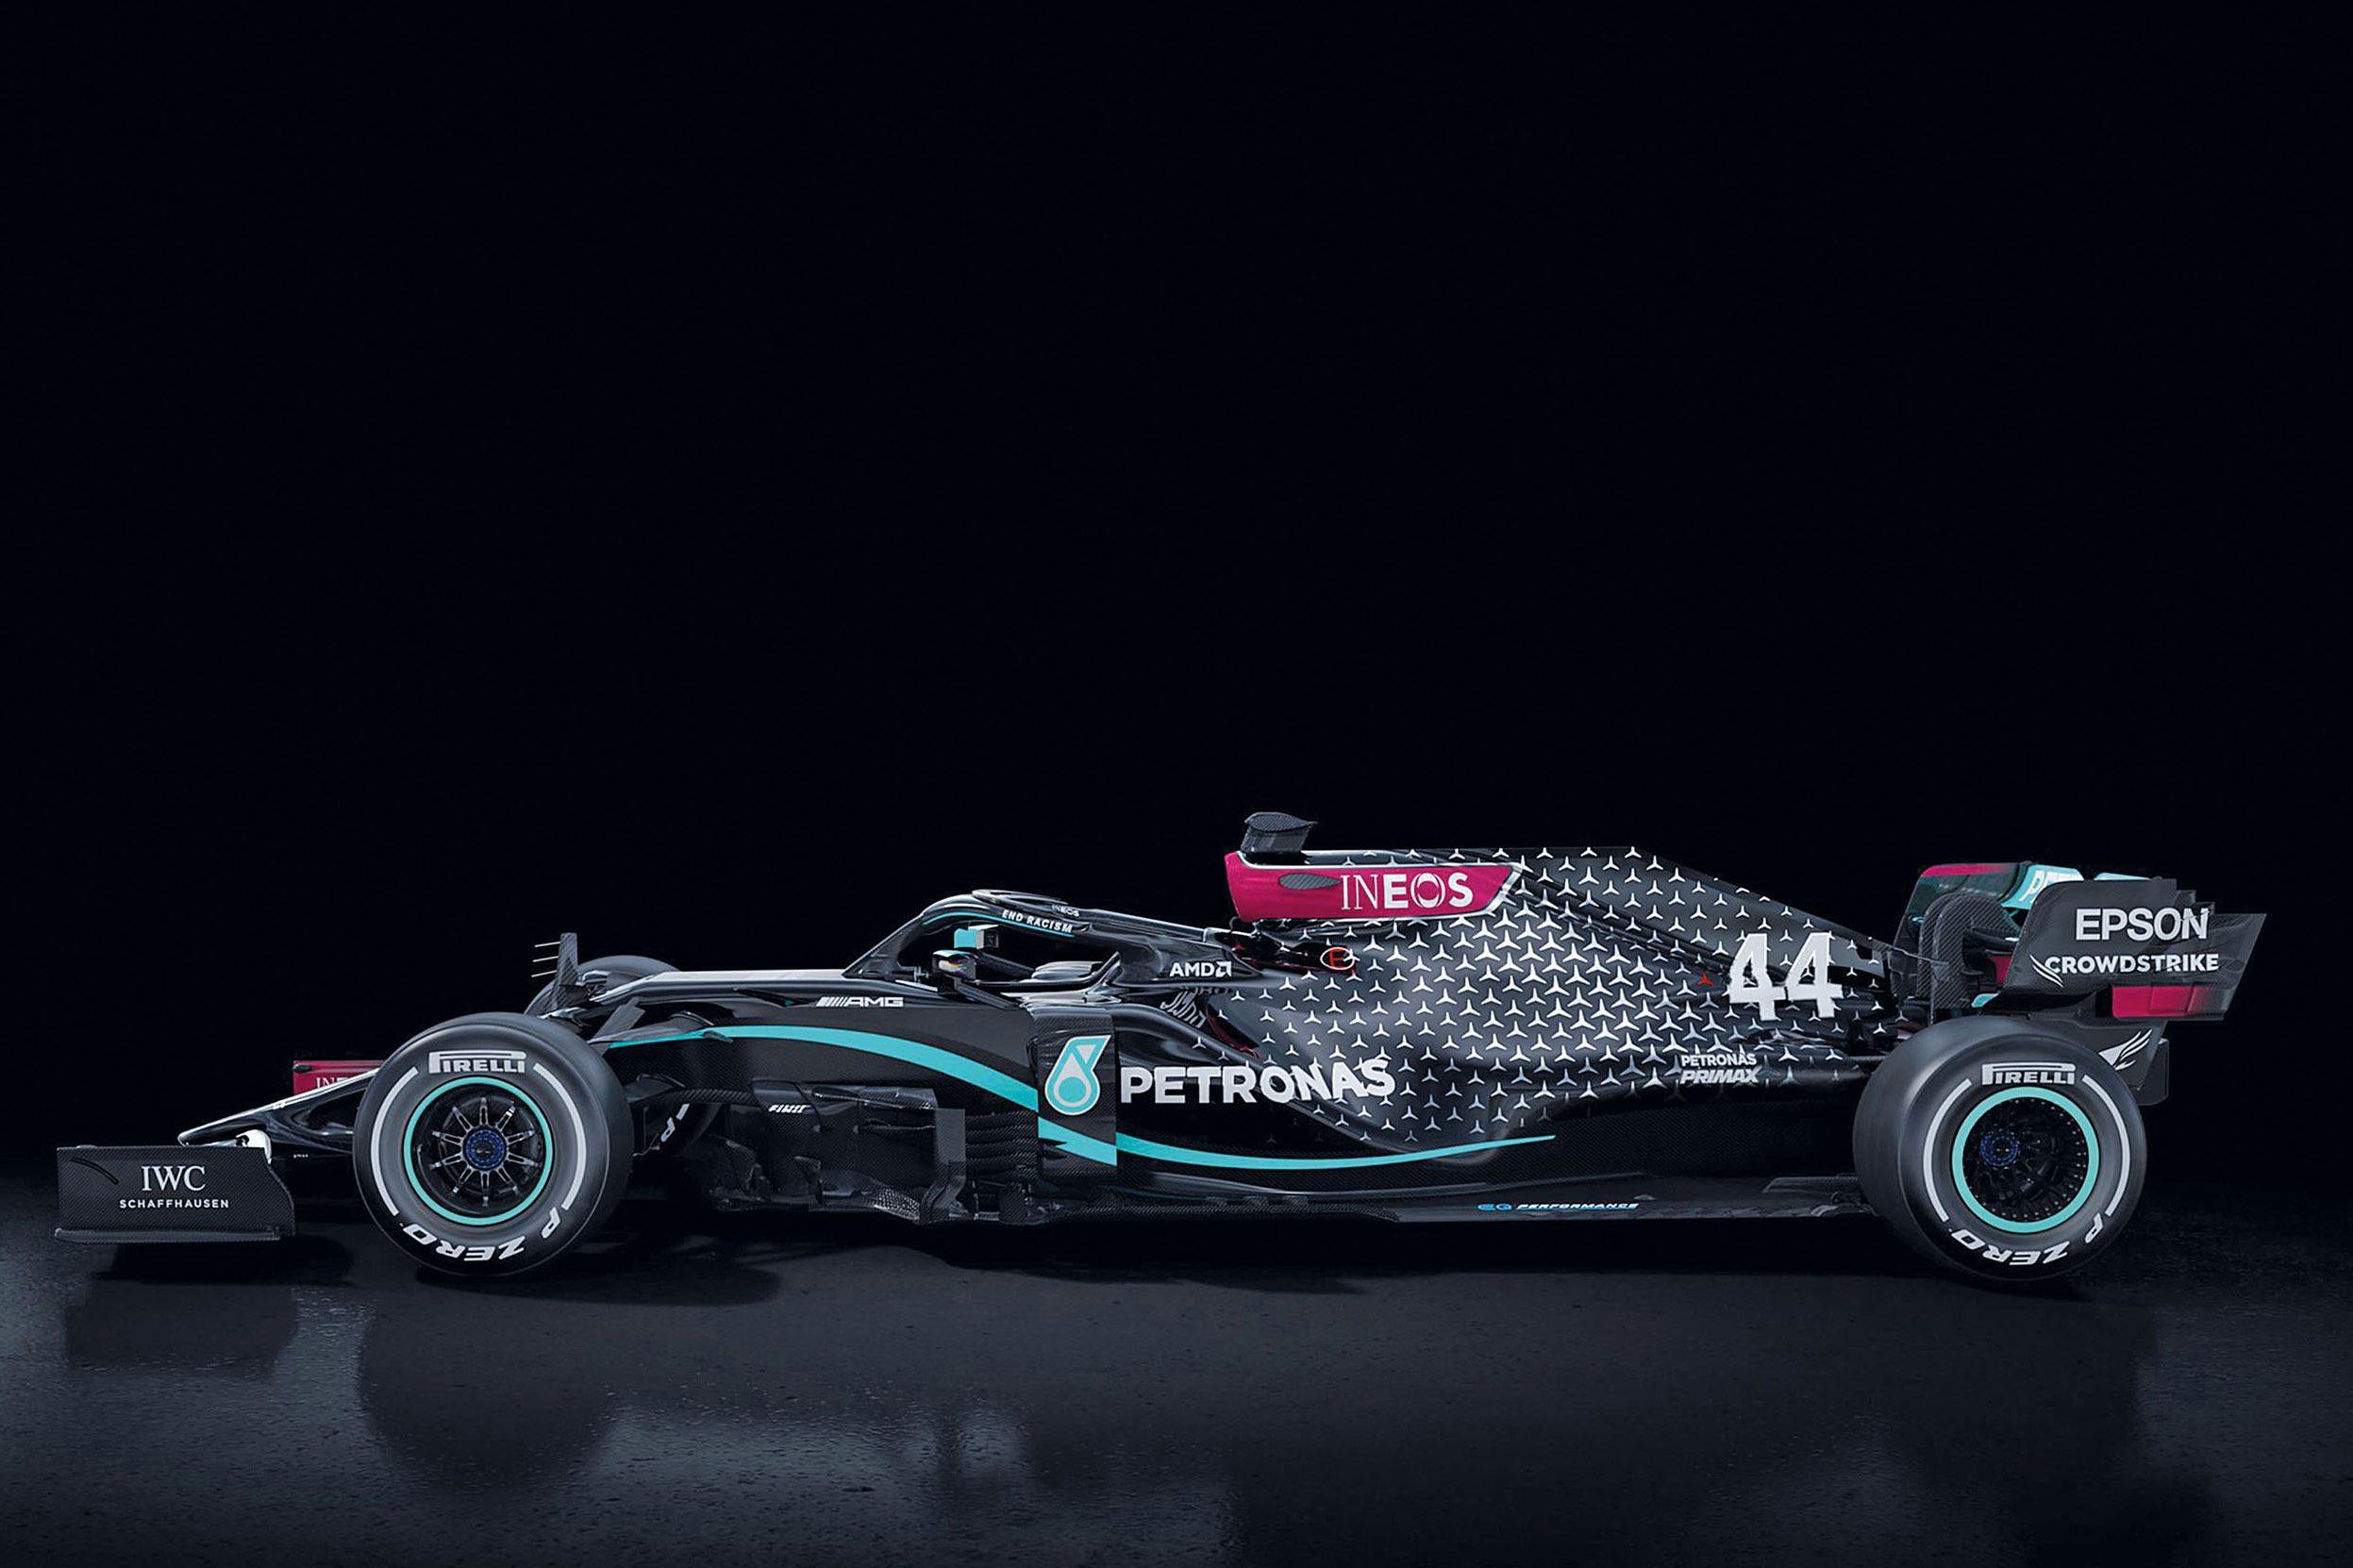 Além dos modelos dirigidos por Lewis Hamilton e Valtteri Bottas, há um Mercedes W11 na nuvem computacional